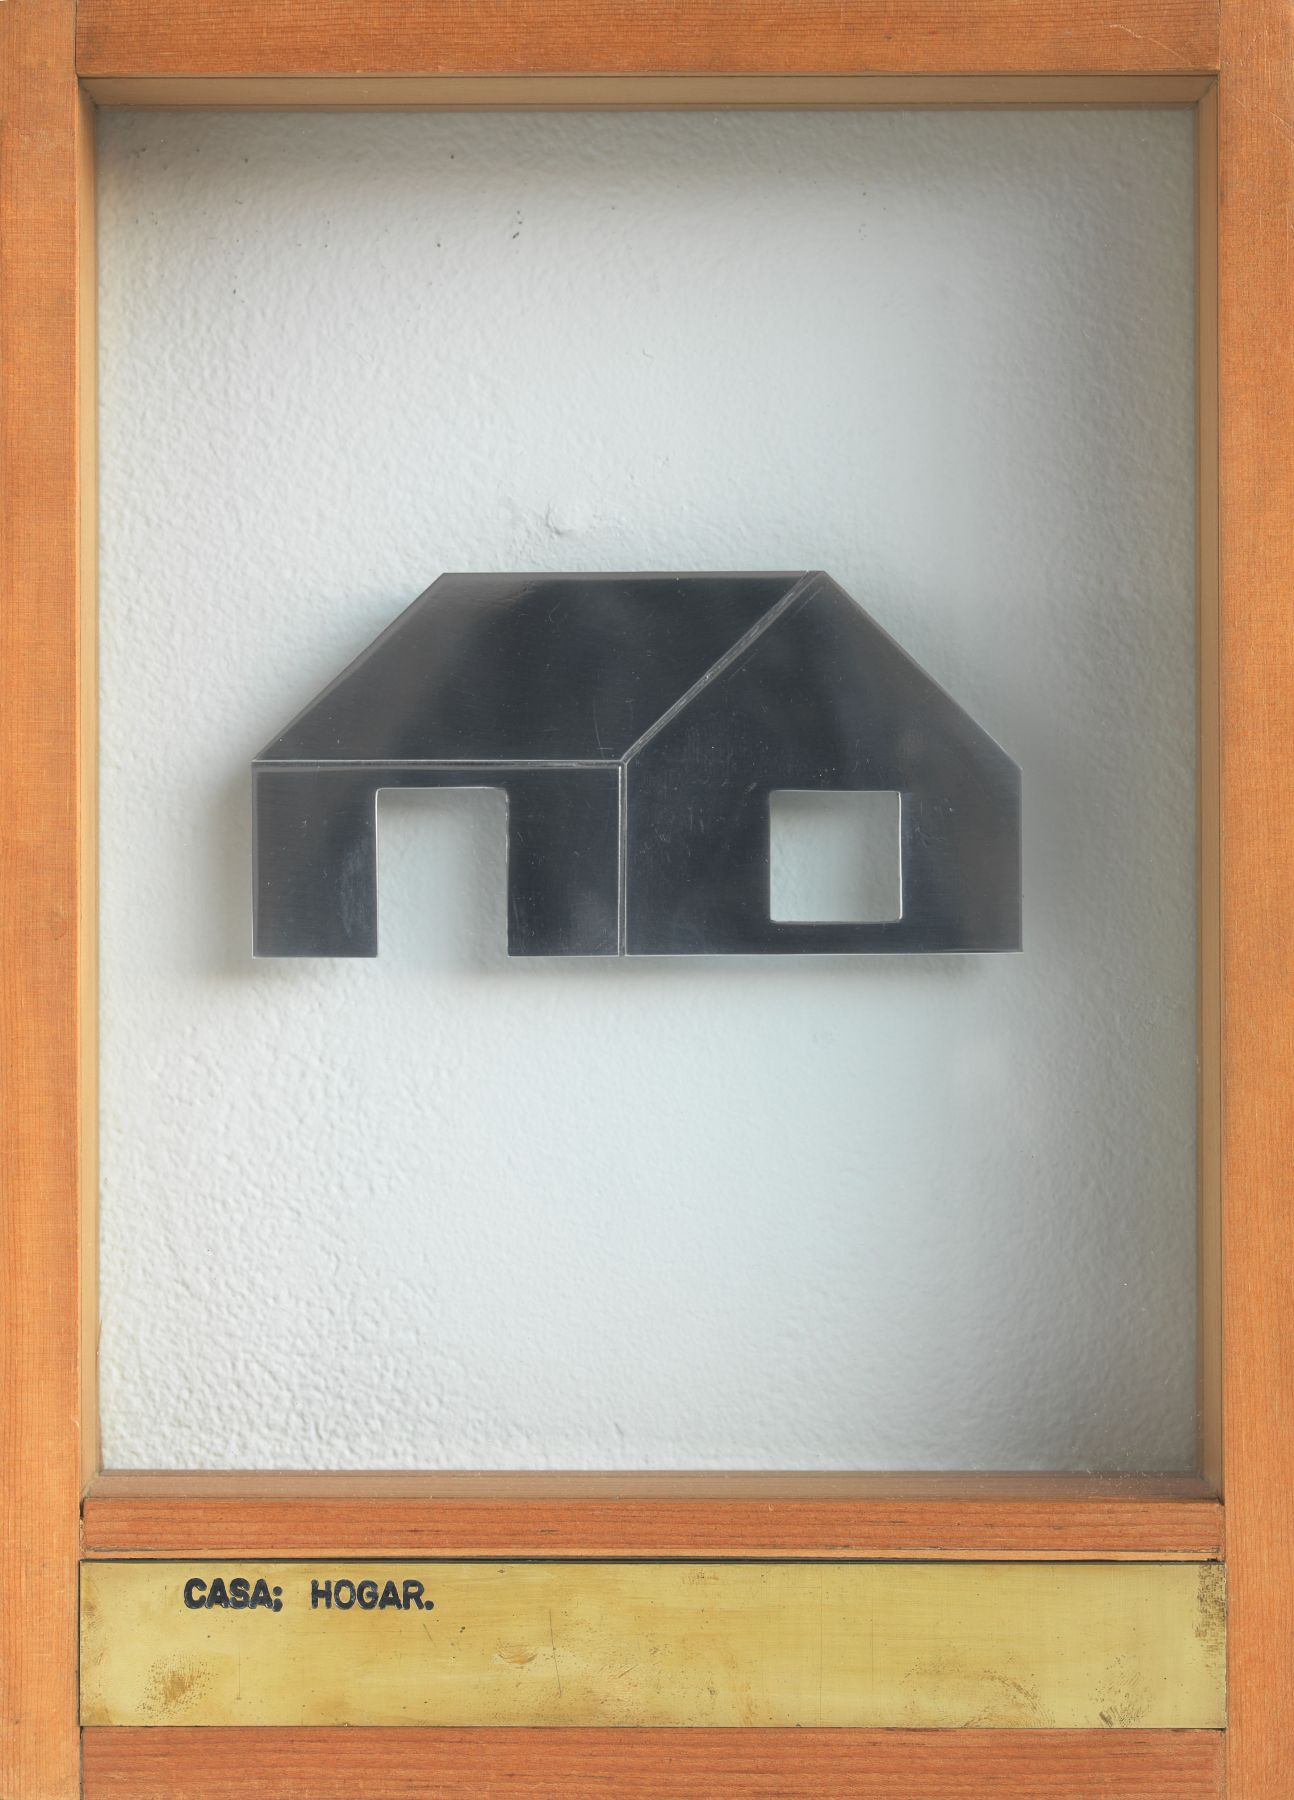 Casa; Hogar, 1973-1976, Mixed Media